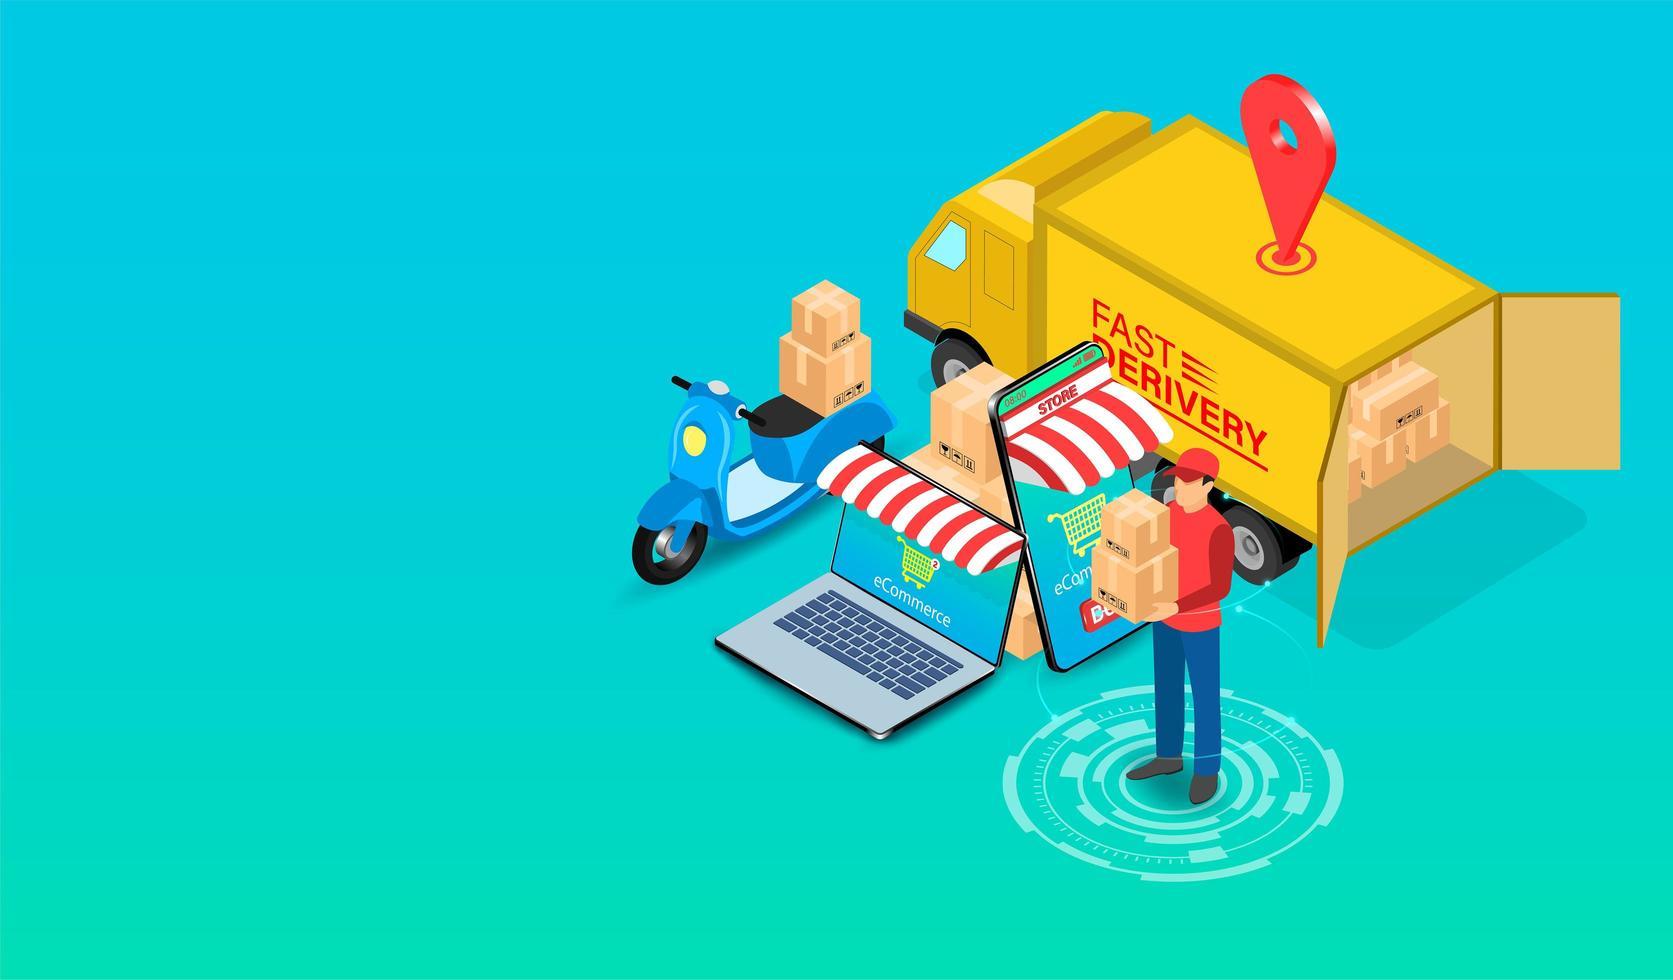 e-commerce bezorger met scooter en vrachtwagen vector